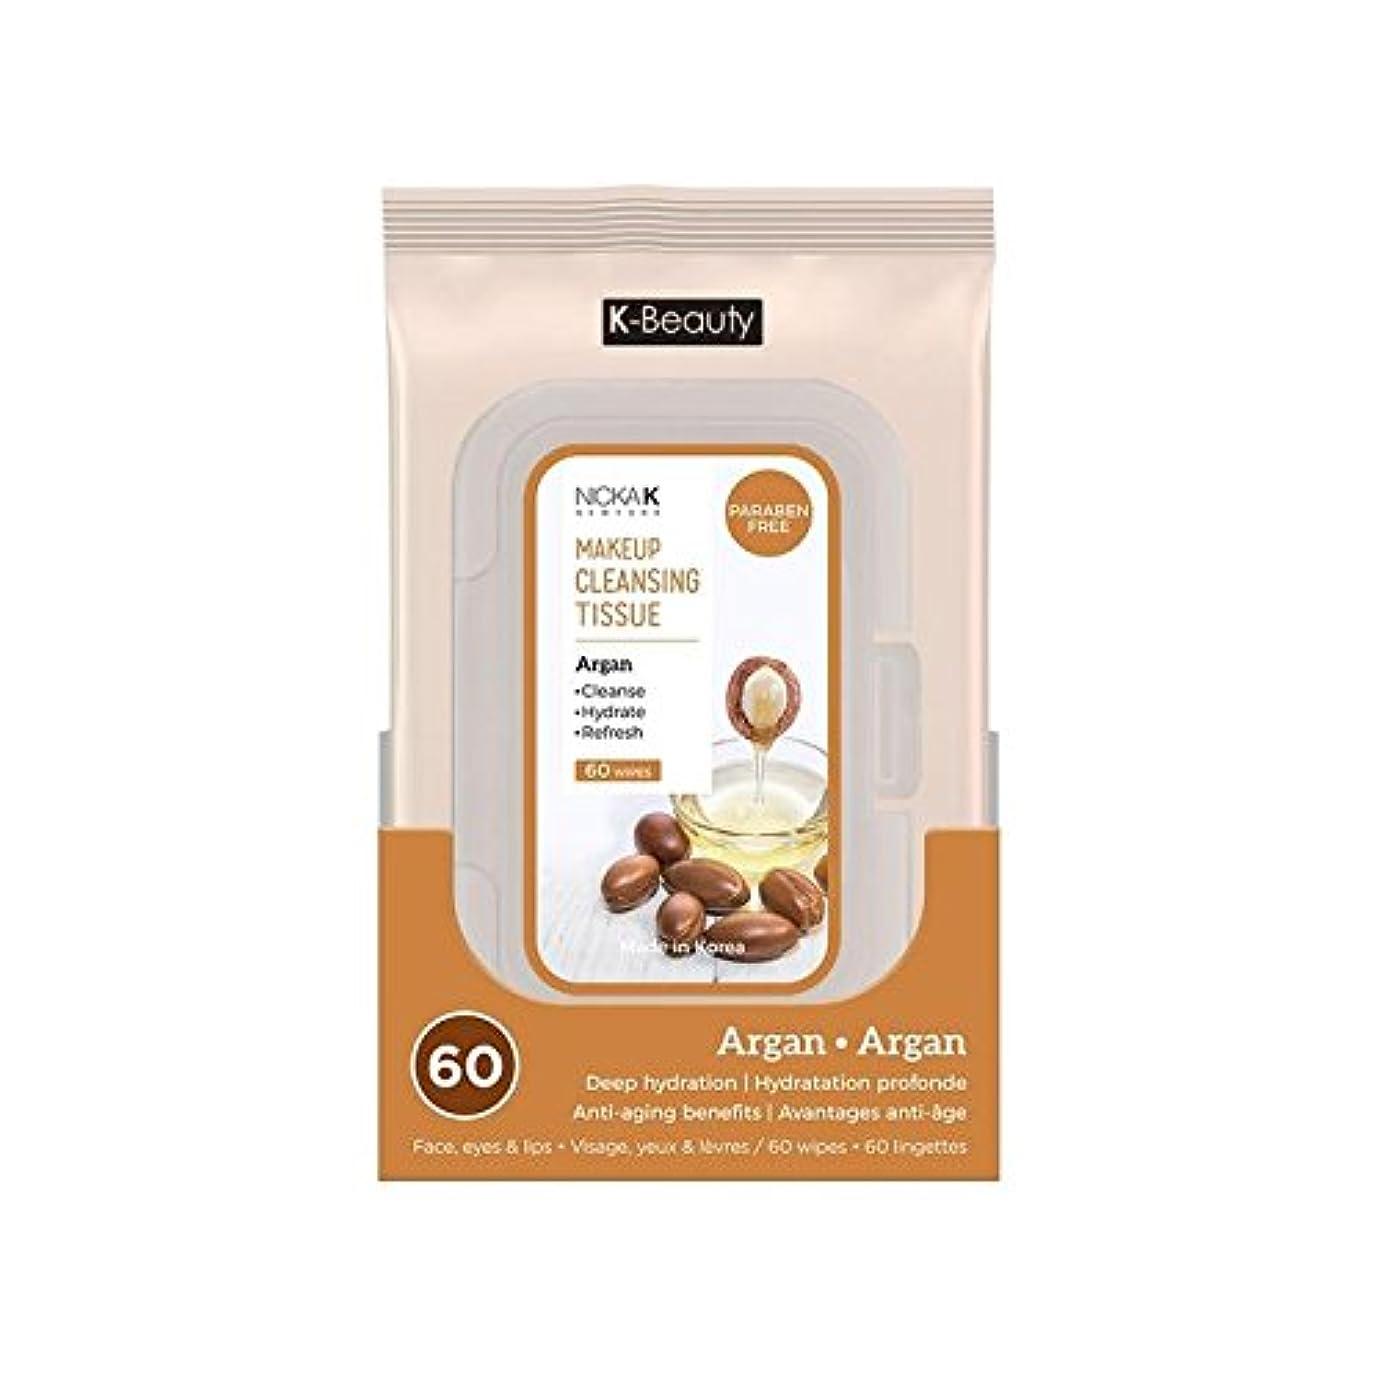 出身地有用ジョージハンブリー(3 Pack) NICKA K Make Up Cleansing Tissue - Argan (並行輸入品)